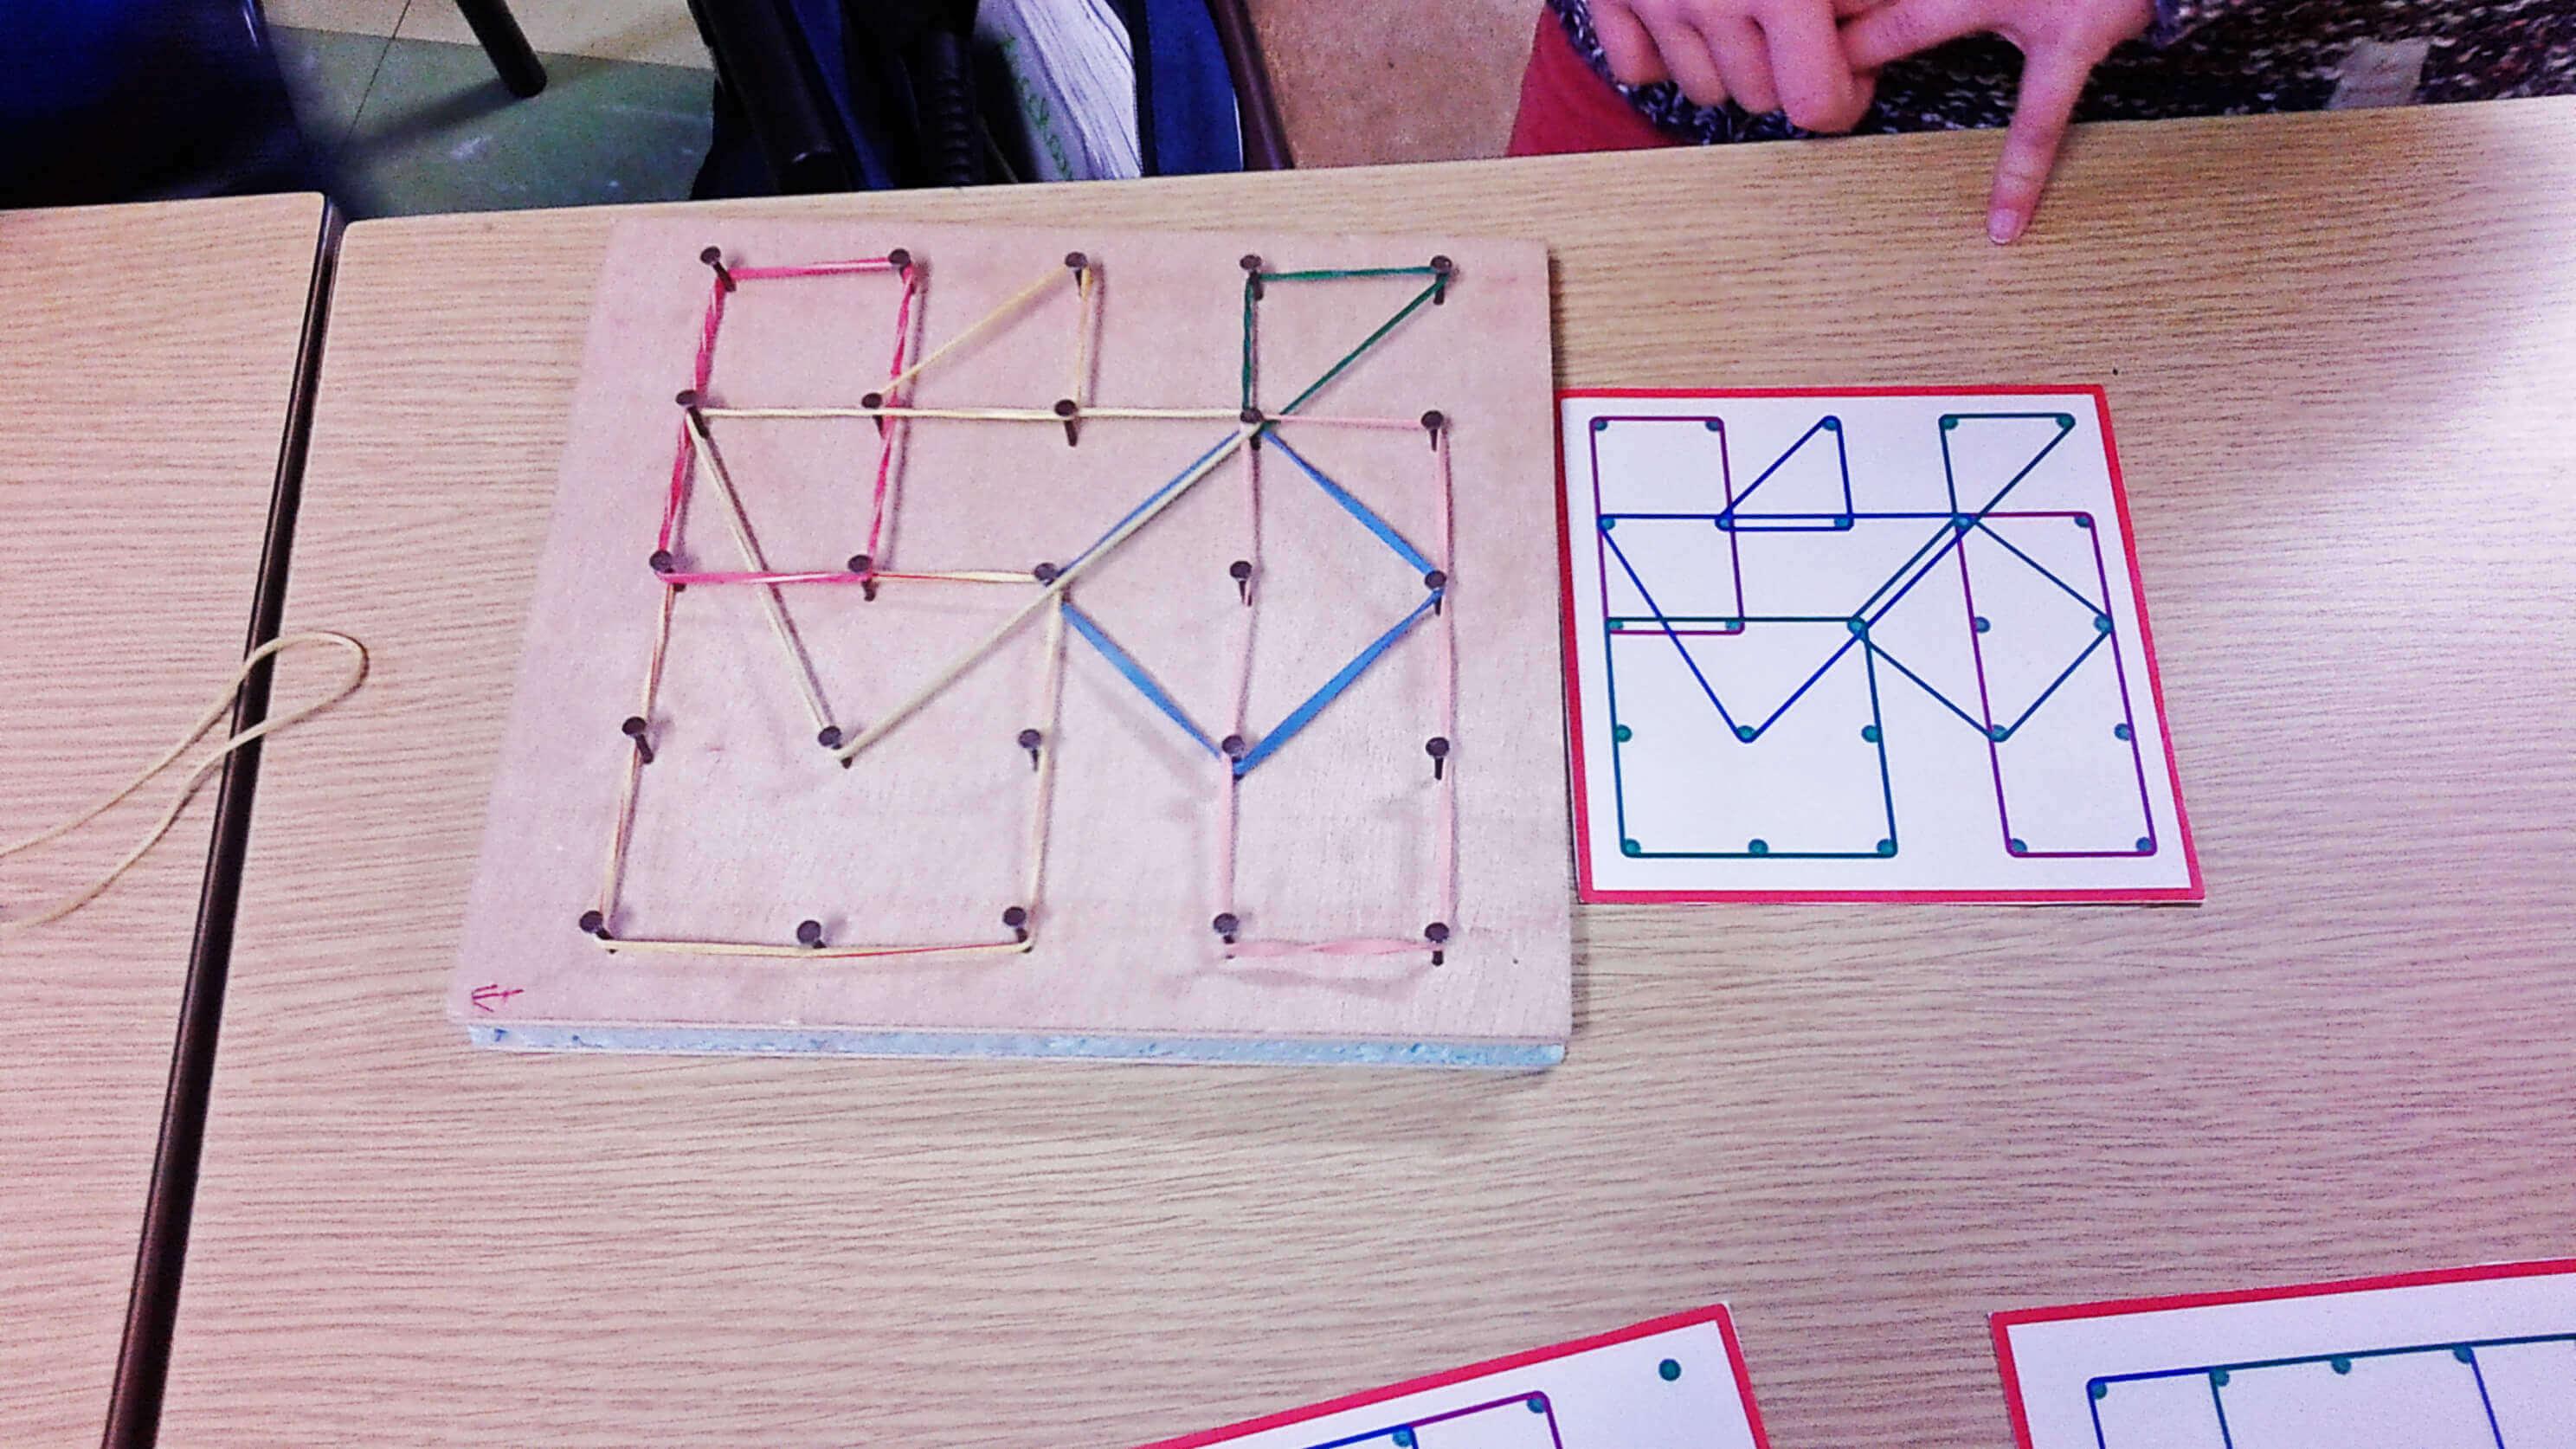 J'utilise les géoplans pour apprendre les formes géométriques aux élèves